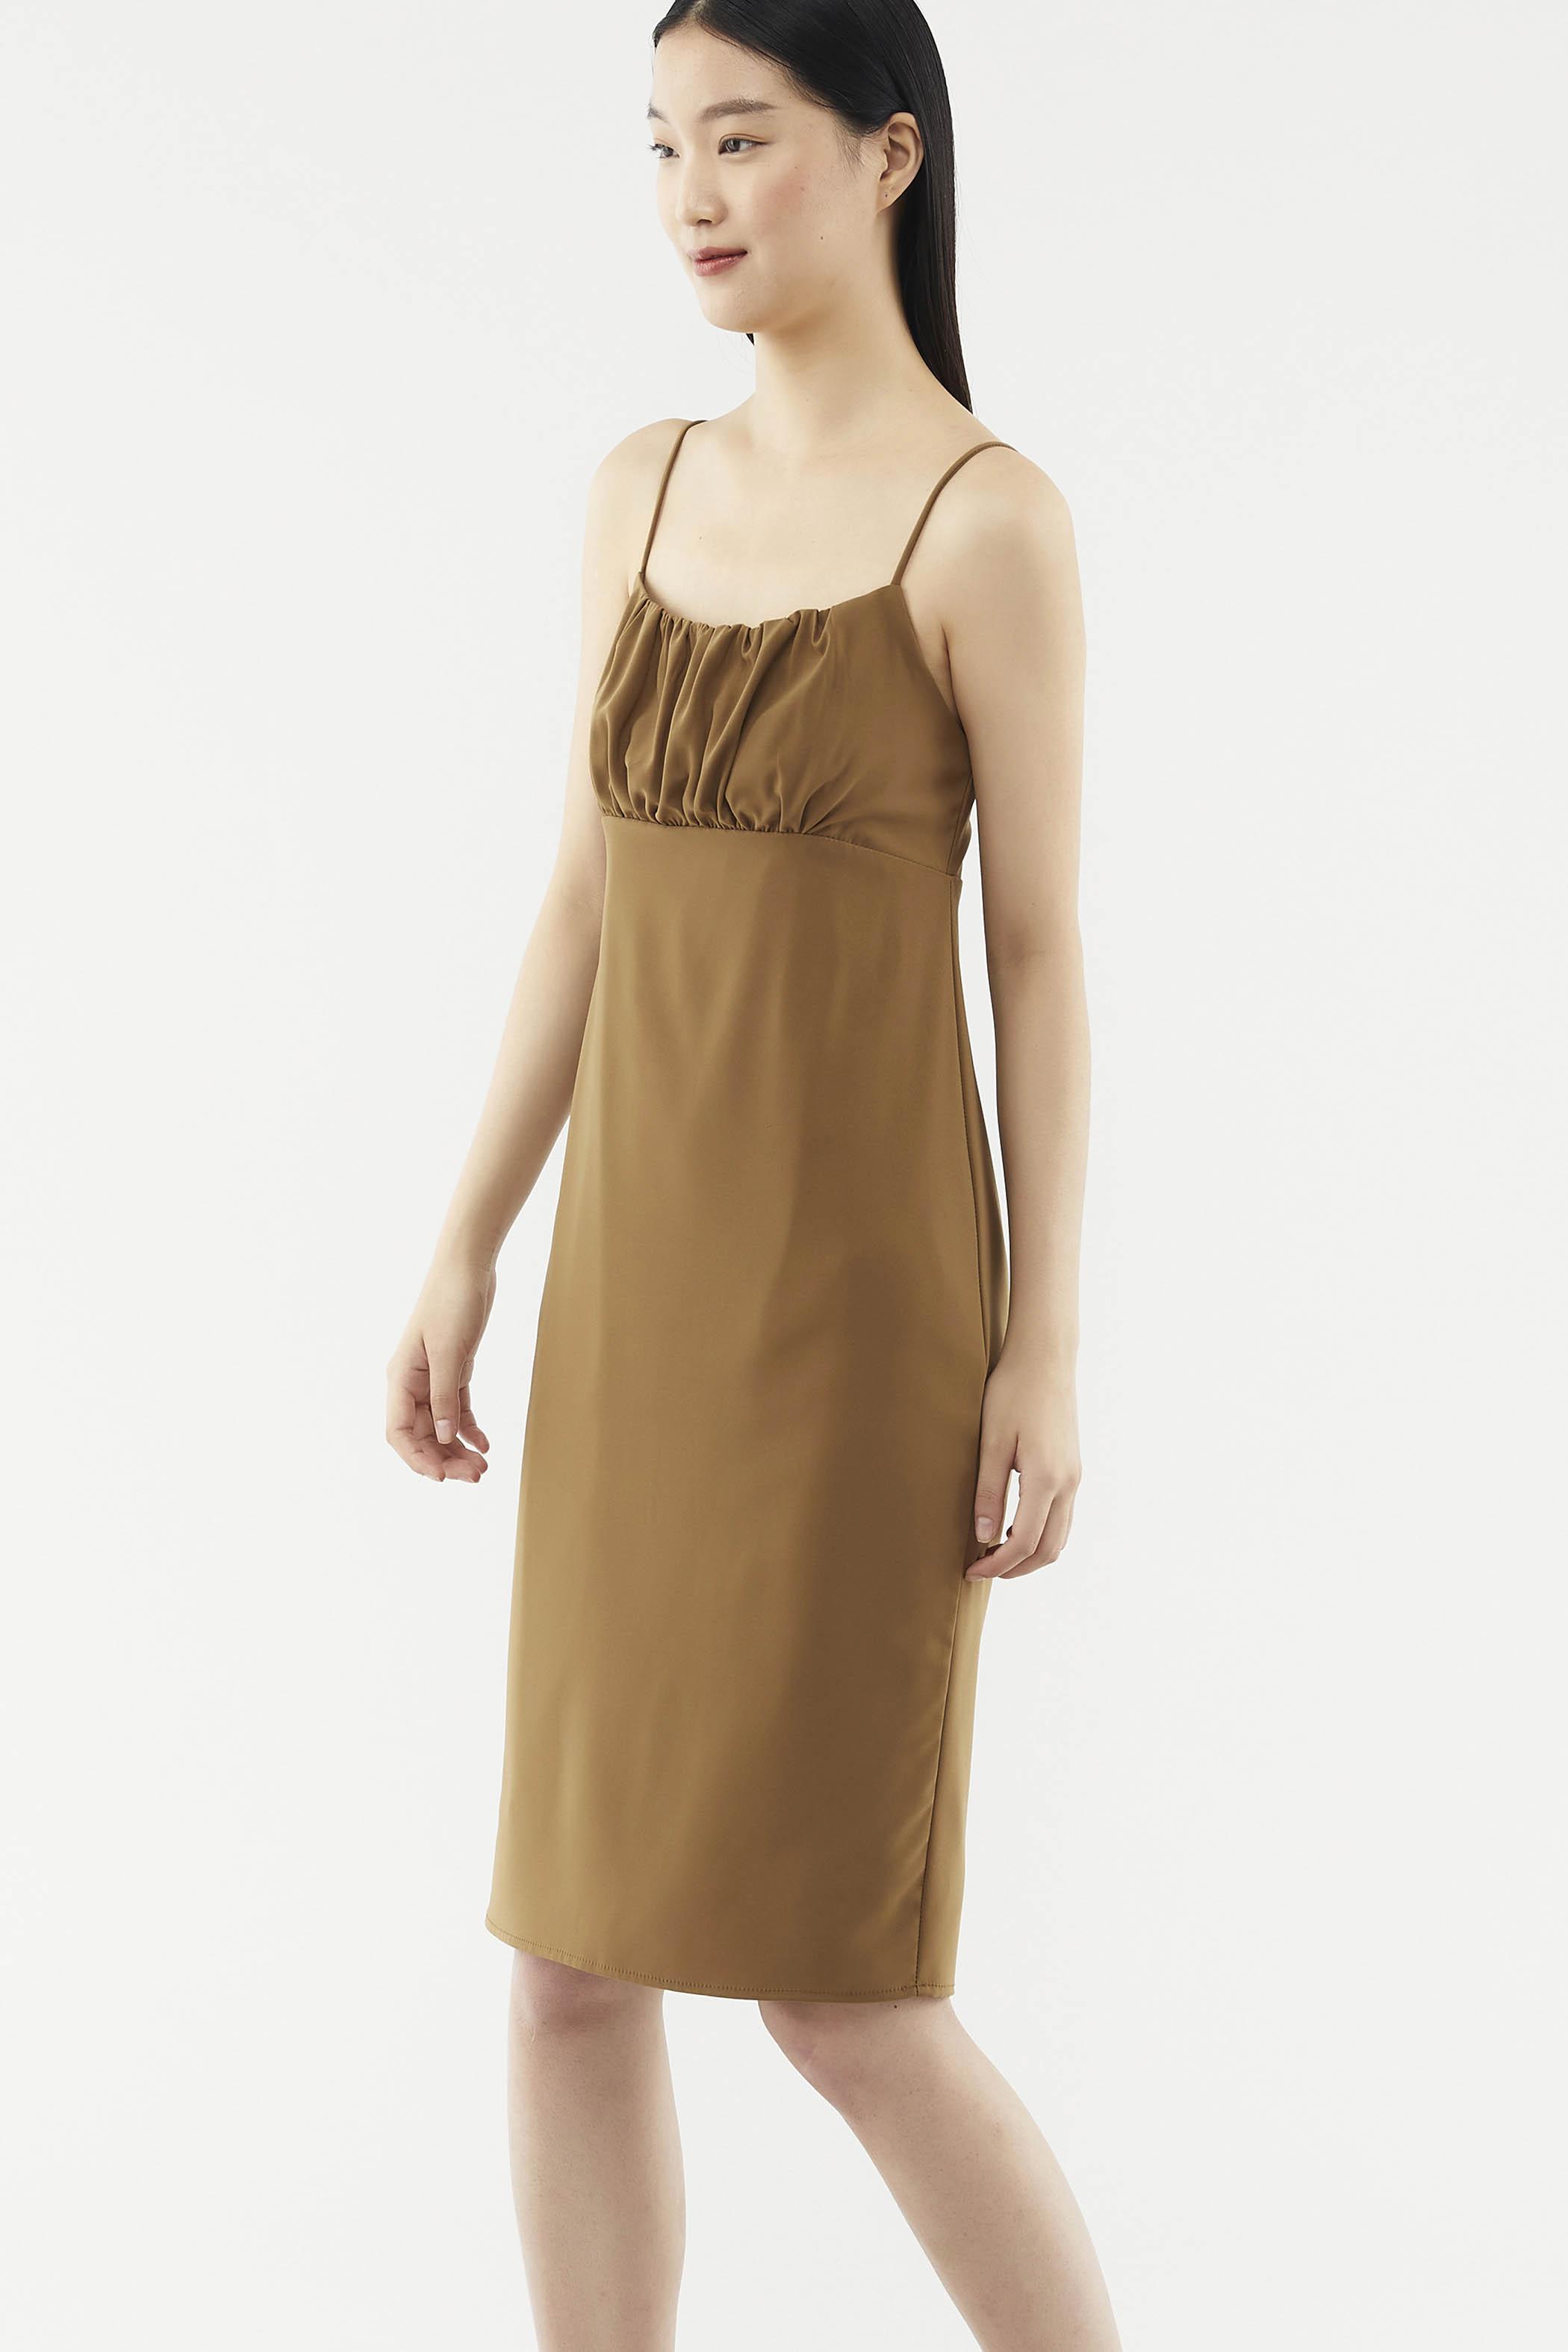 Crissa Ruched Slip Dress